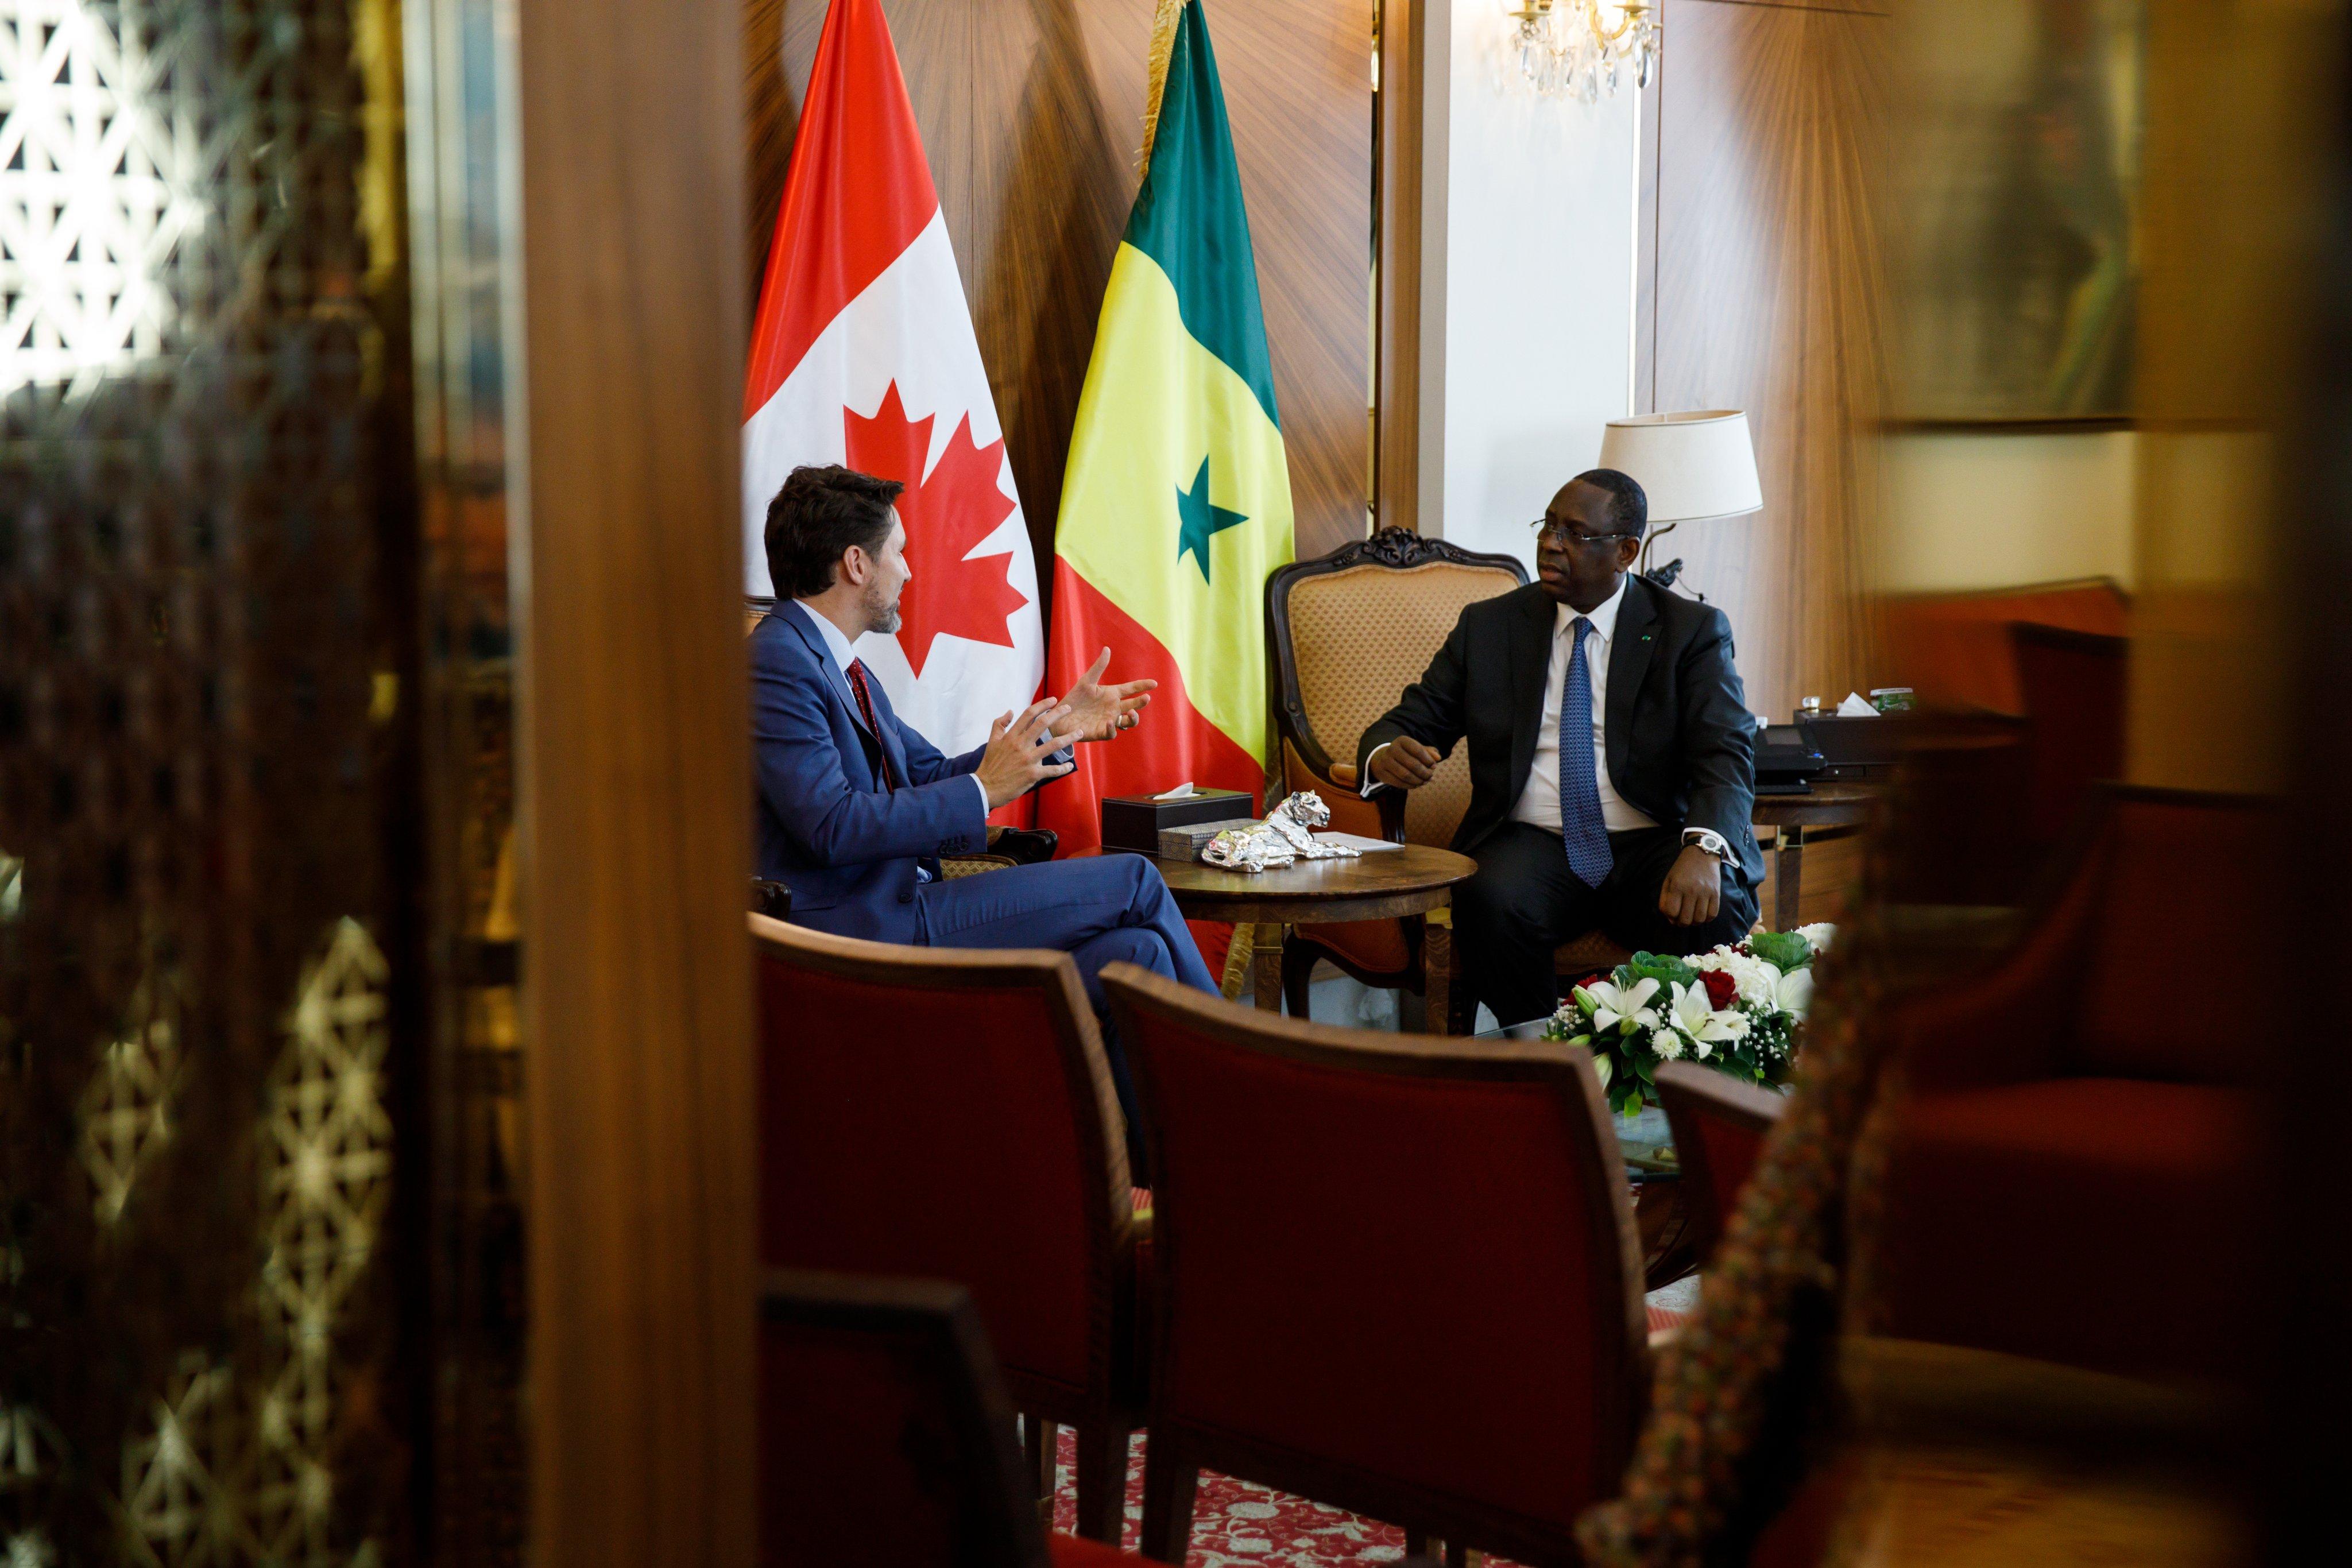 الرئيس السنغالي ماكي صال ورئيس الوزراء الكندي جستن توردو